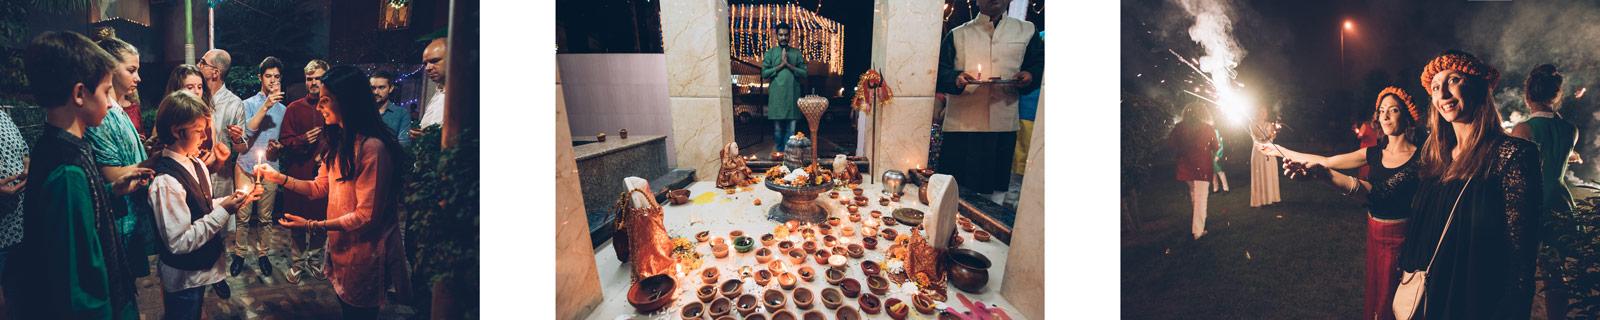 diwali fete inde